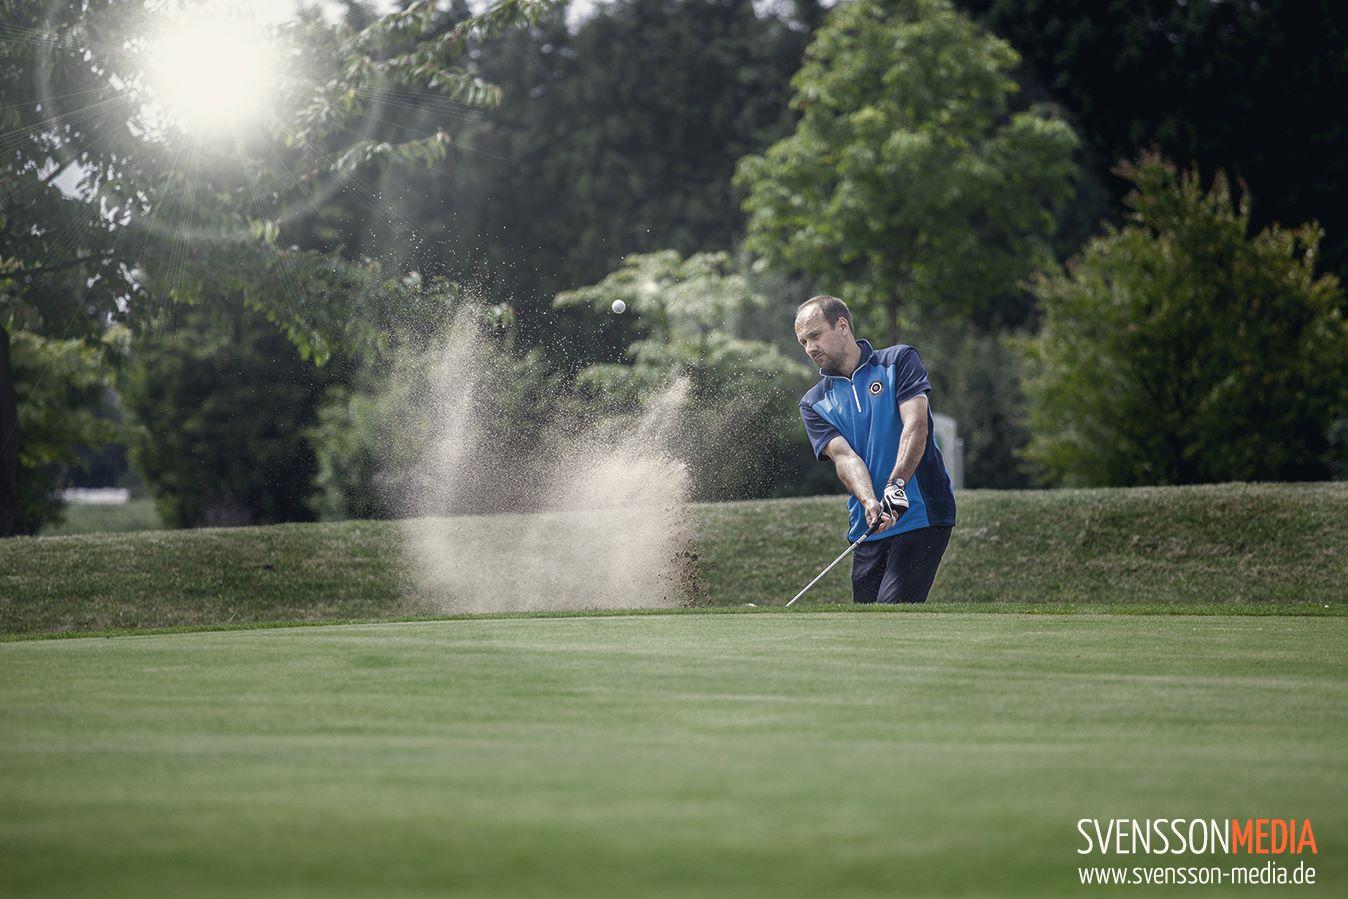 Golfspieler beim Bunkerschlag